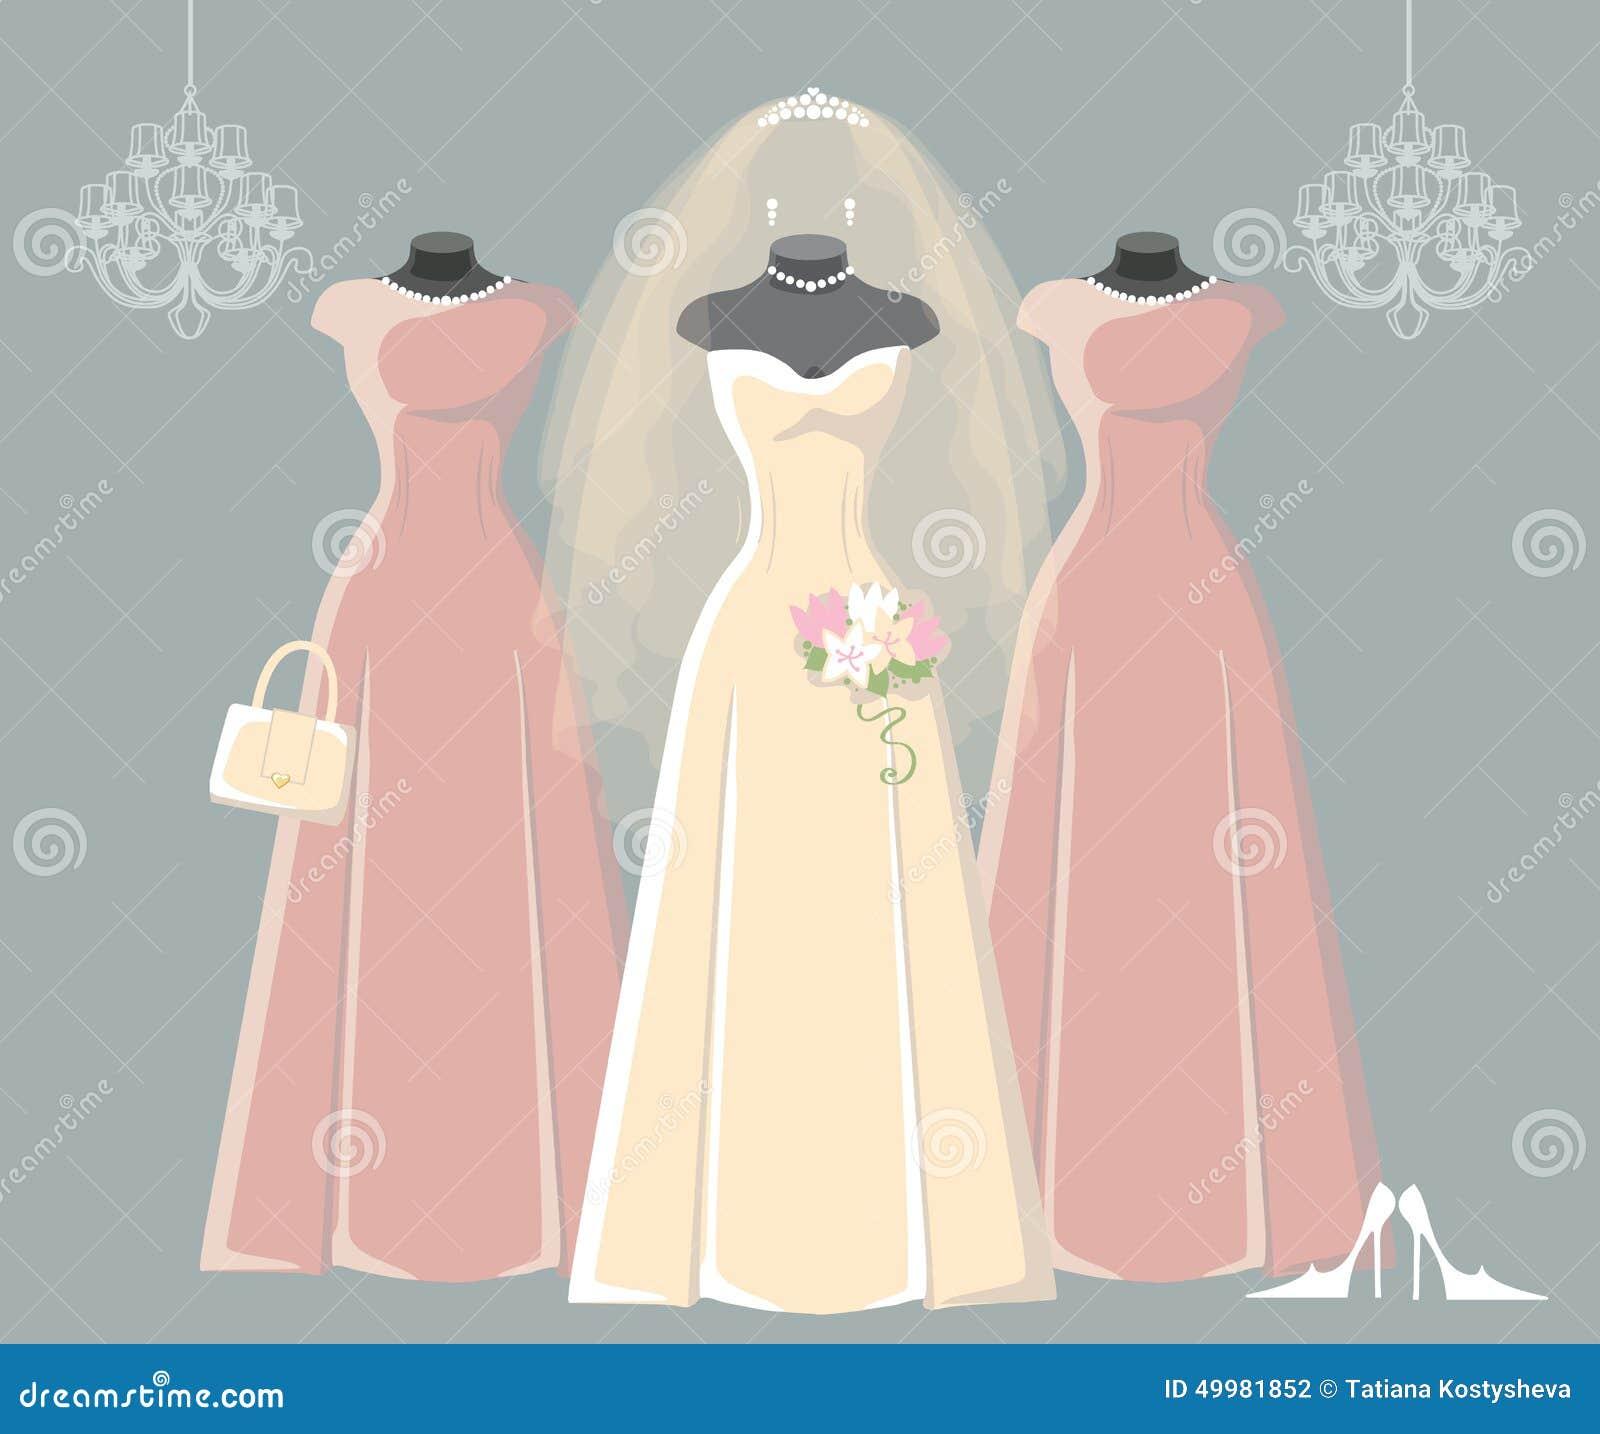 Encantador Vestidos De Dama De Honor De Reventa Bosquejo - Colección ...